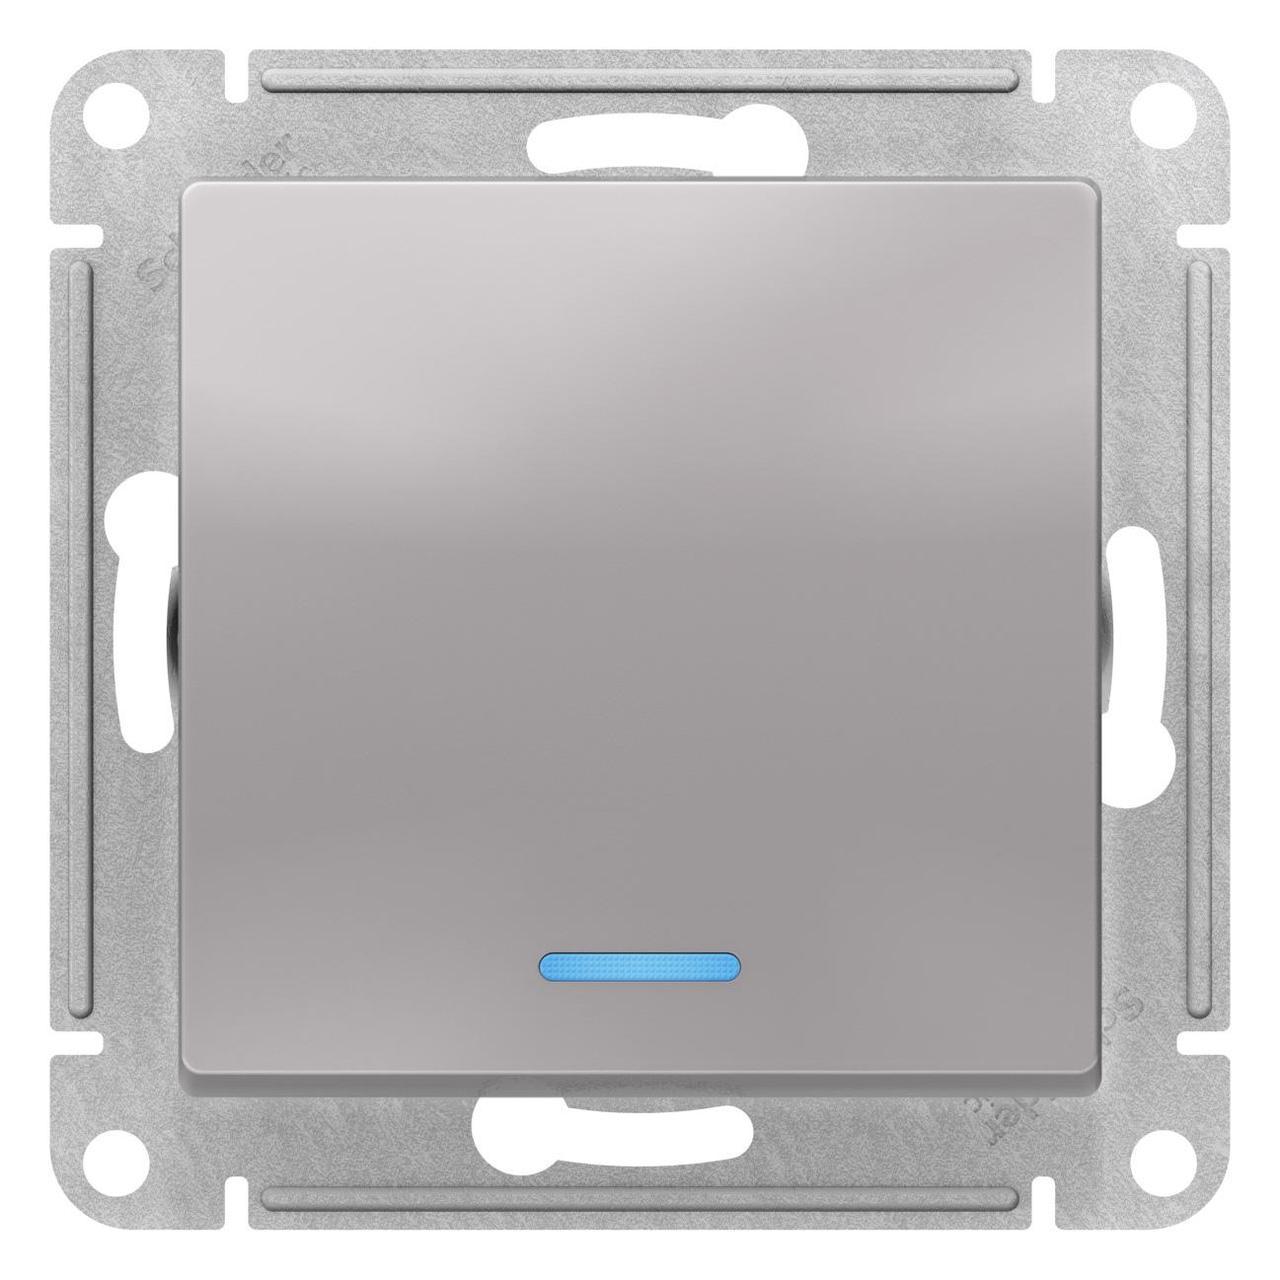 Выключатель 1-клавишный , с подсветкой , Алюминий, серия Atlas Design, Schneider Electric